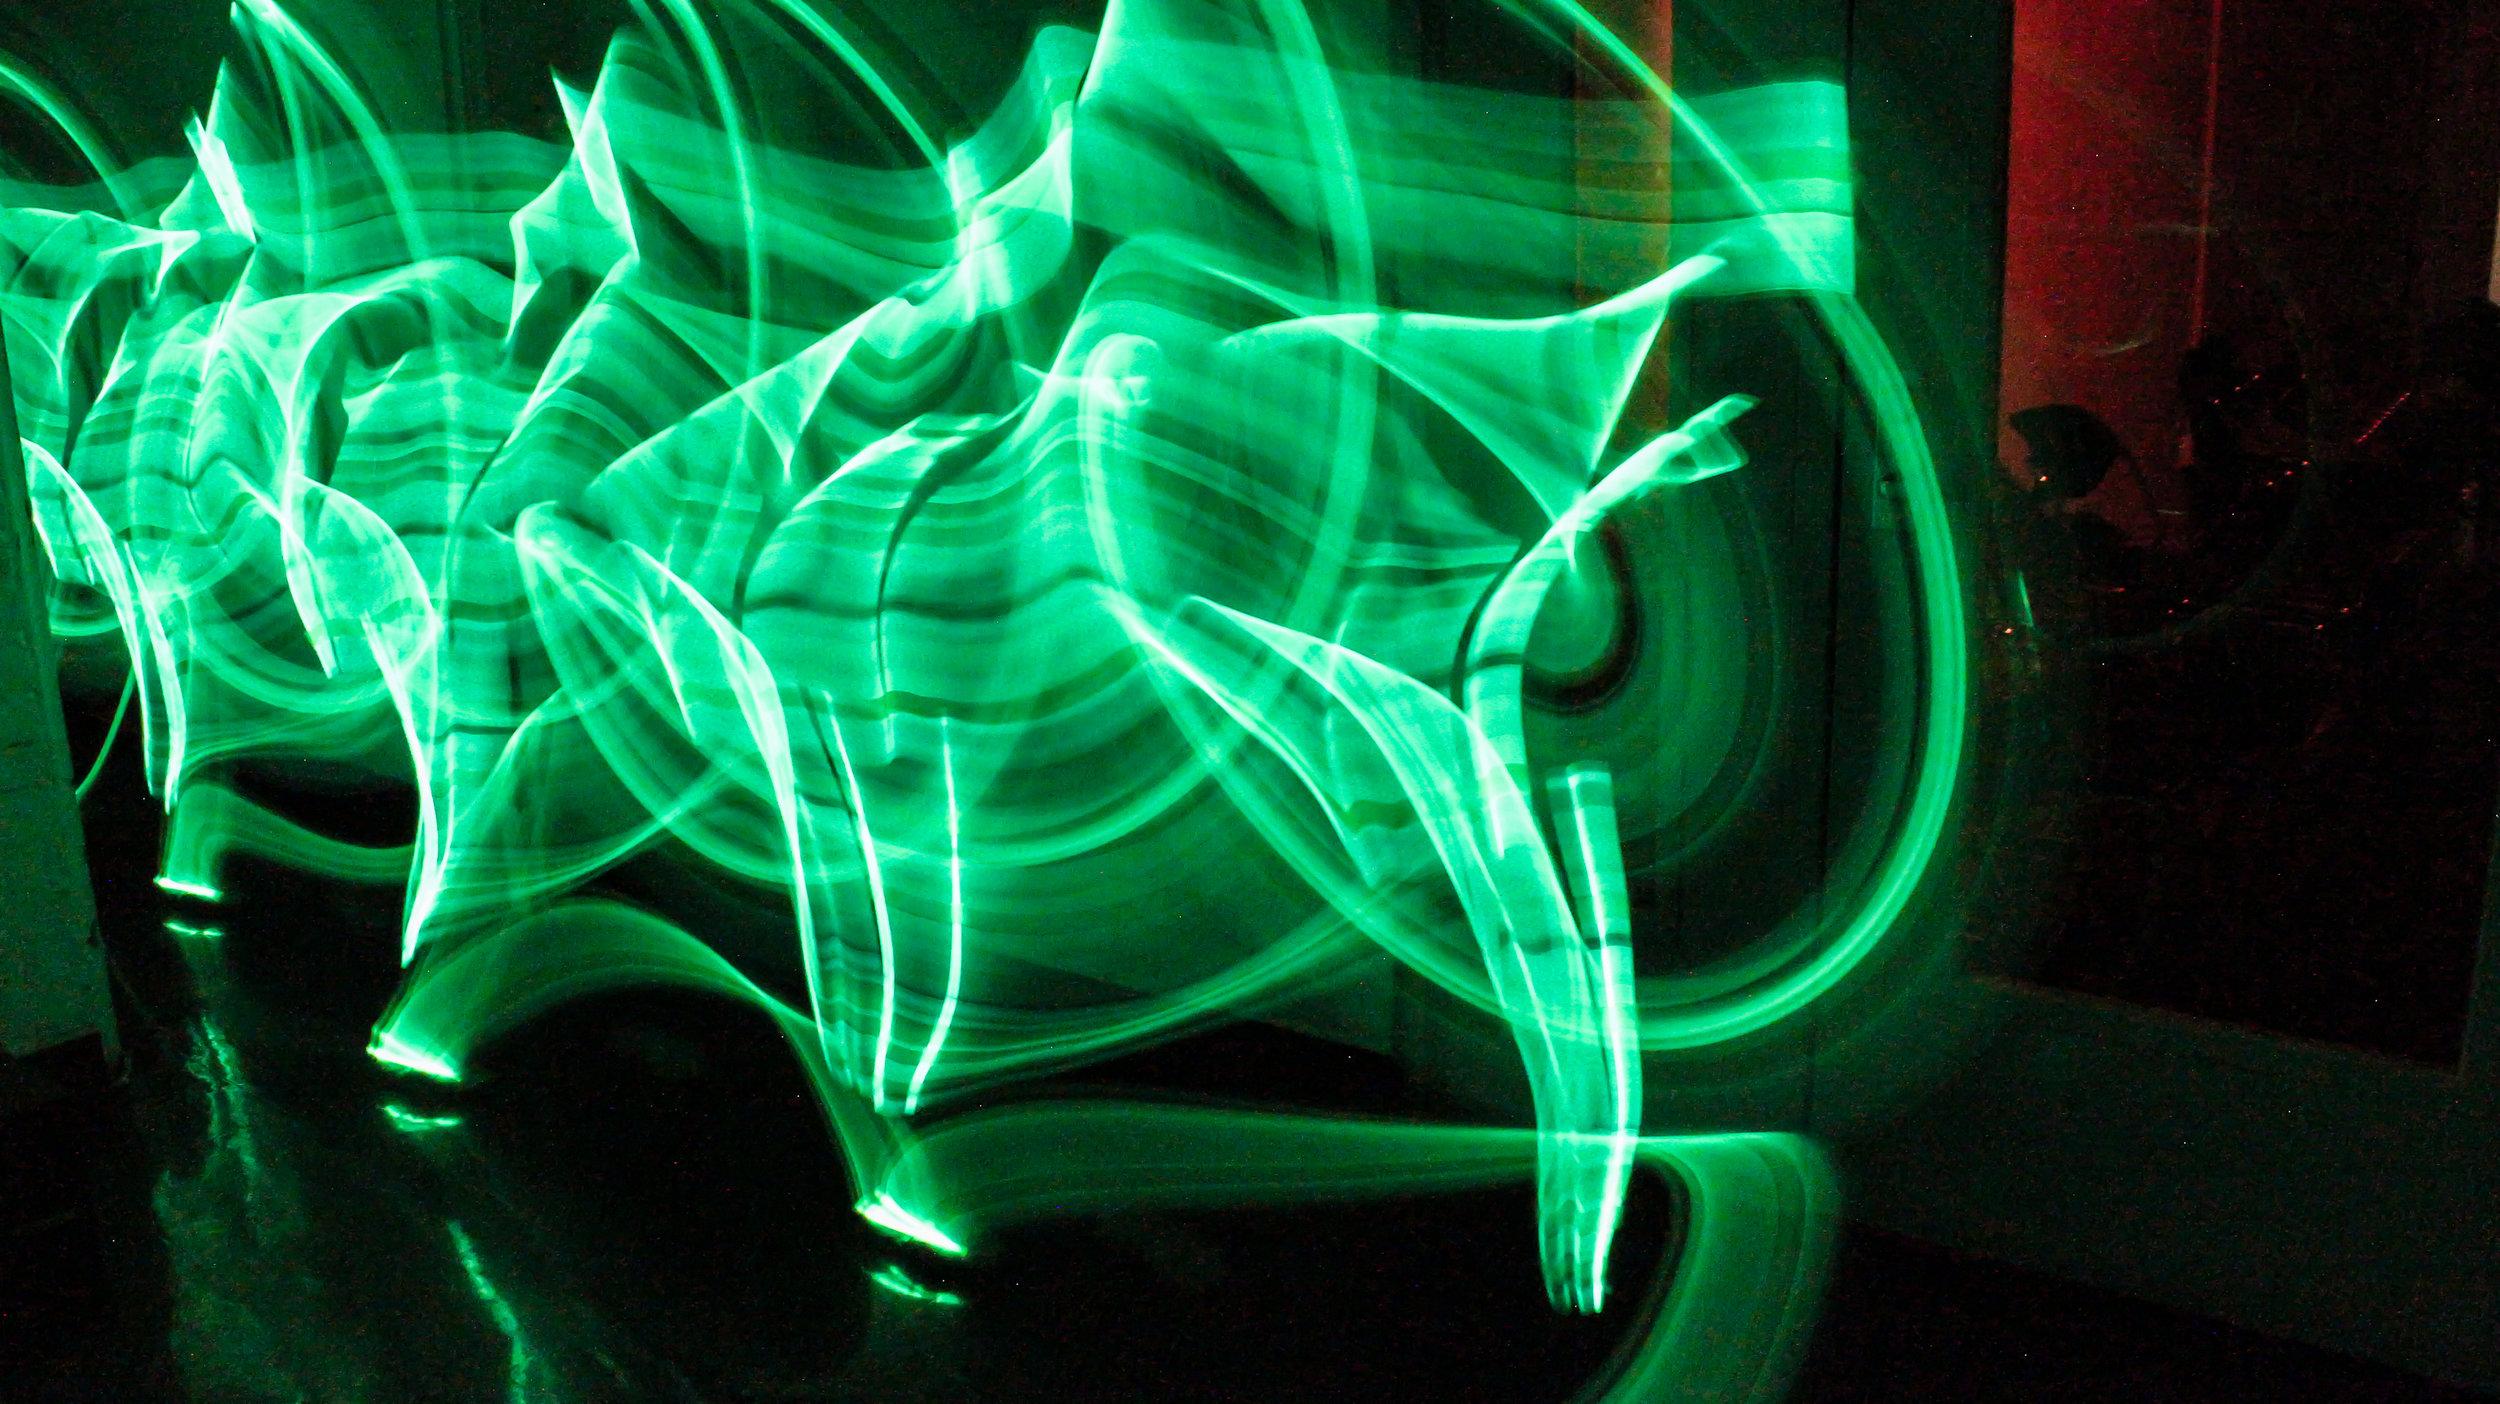 rant_chronophotograhy_glowstick1.jpg